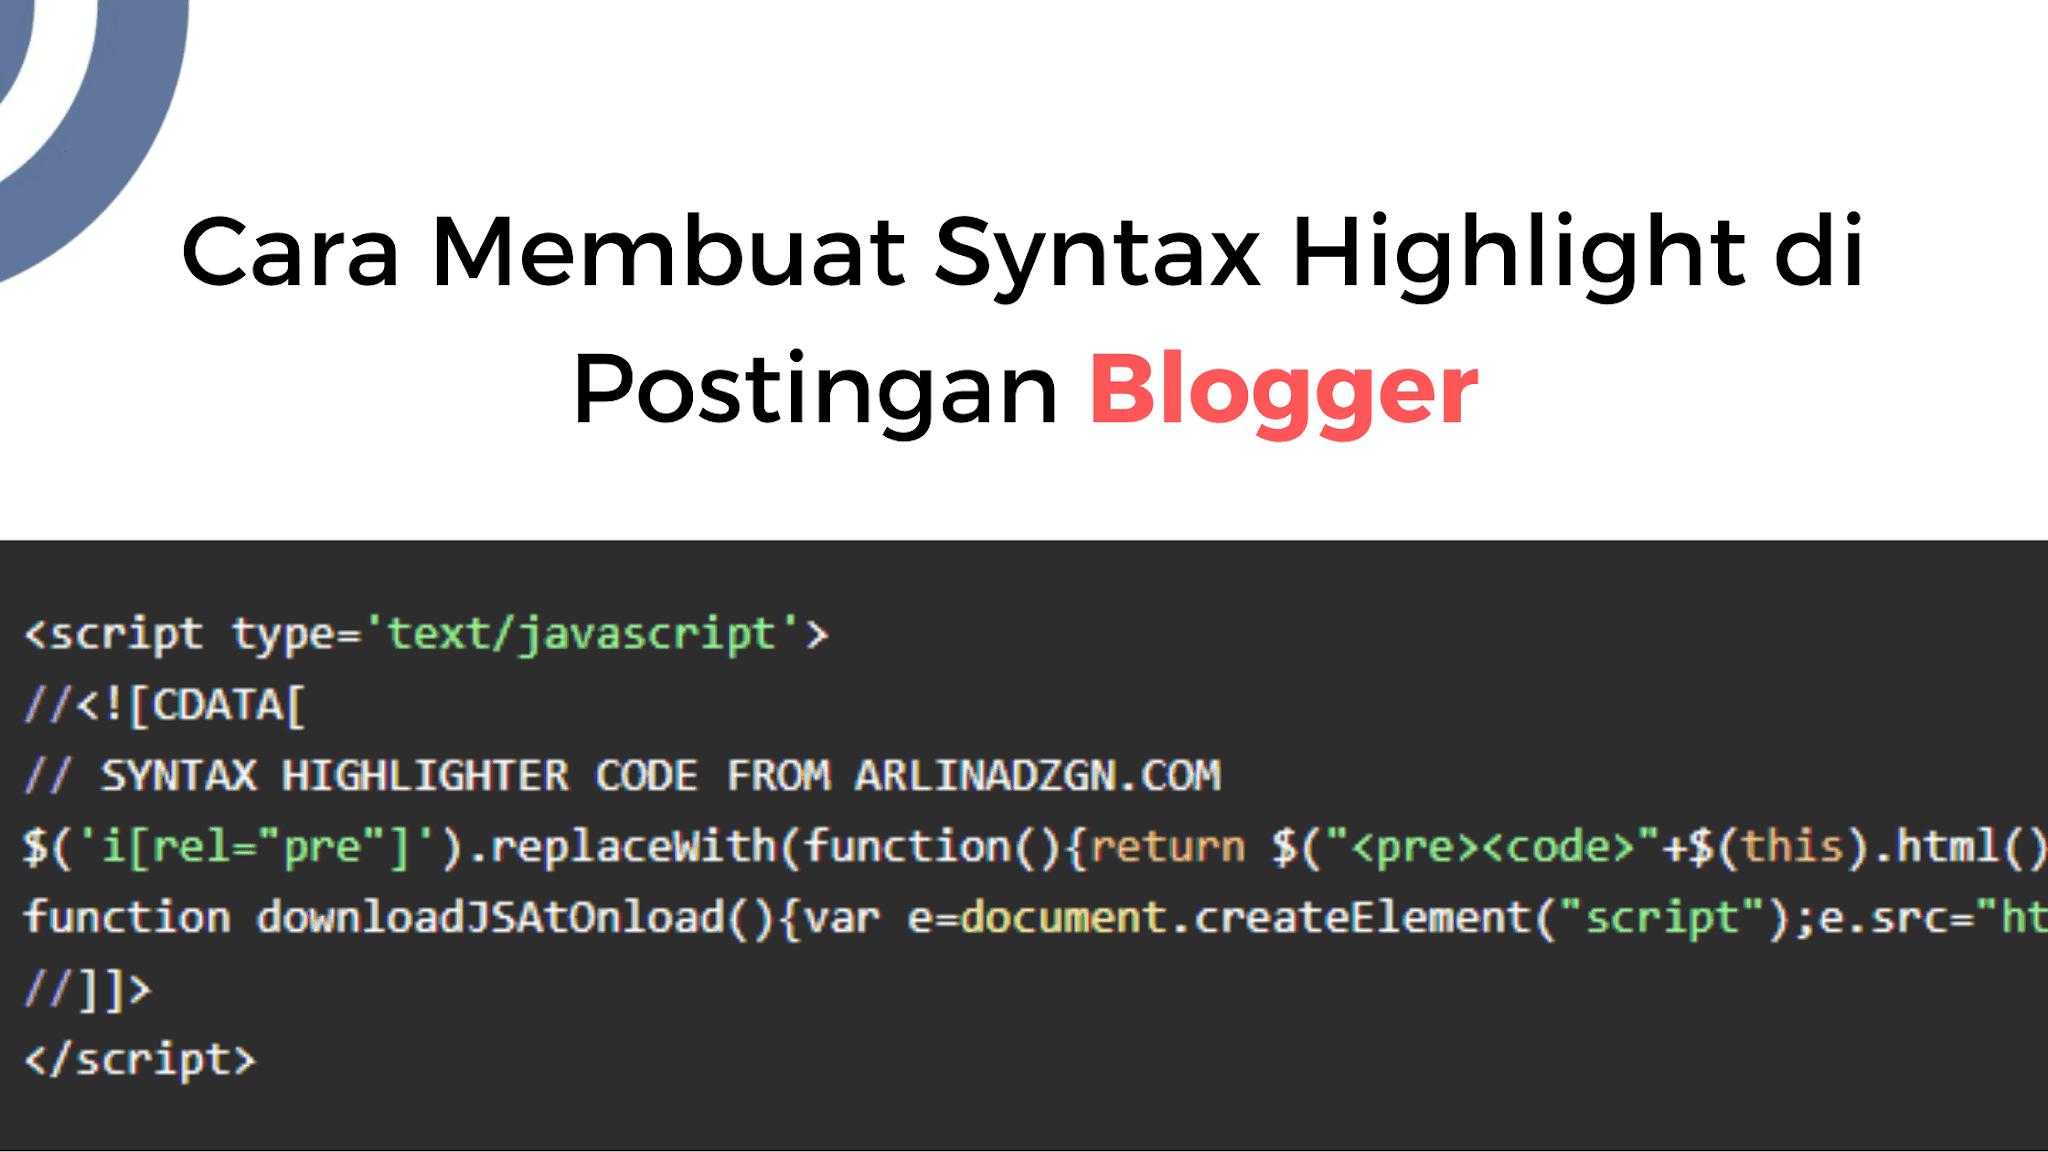 Membuat Kotak Kode / Script Syntax Highlight di Postingan Blog